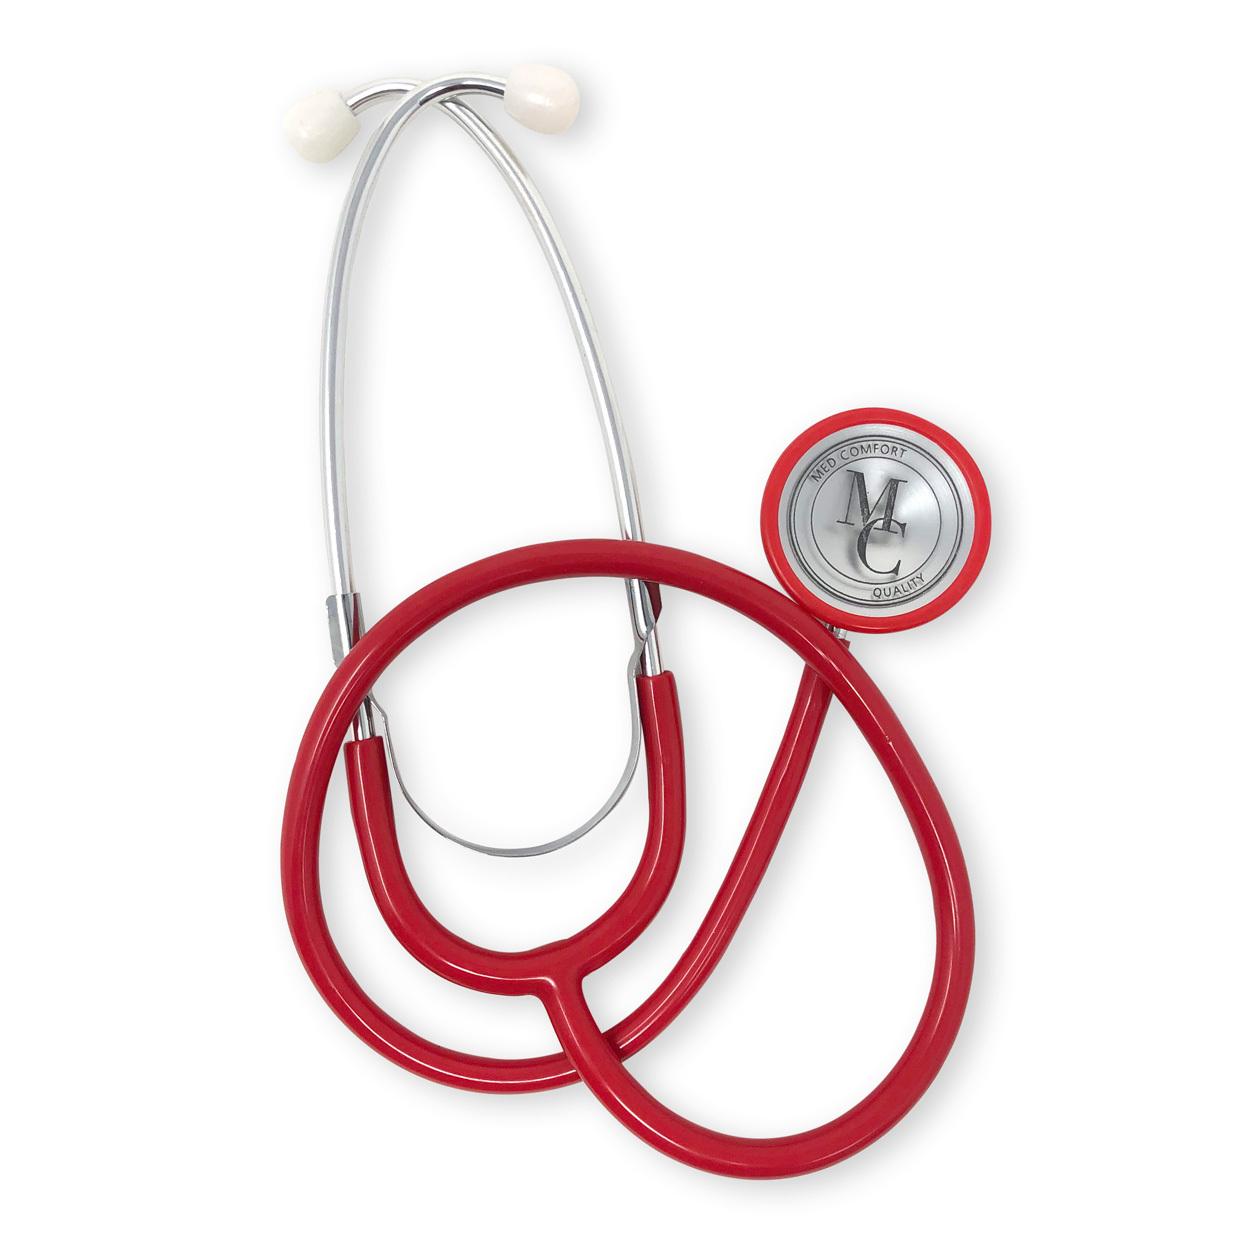 Schwestern-Stethoskop in rot